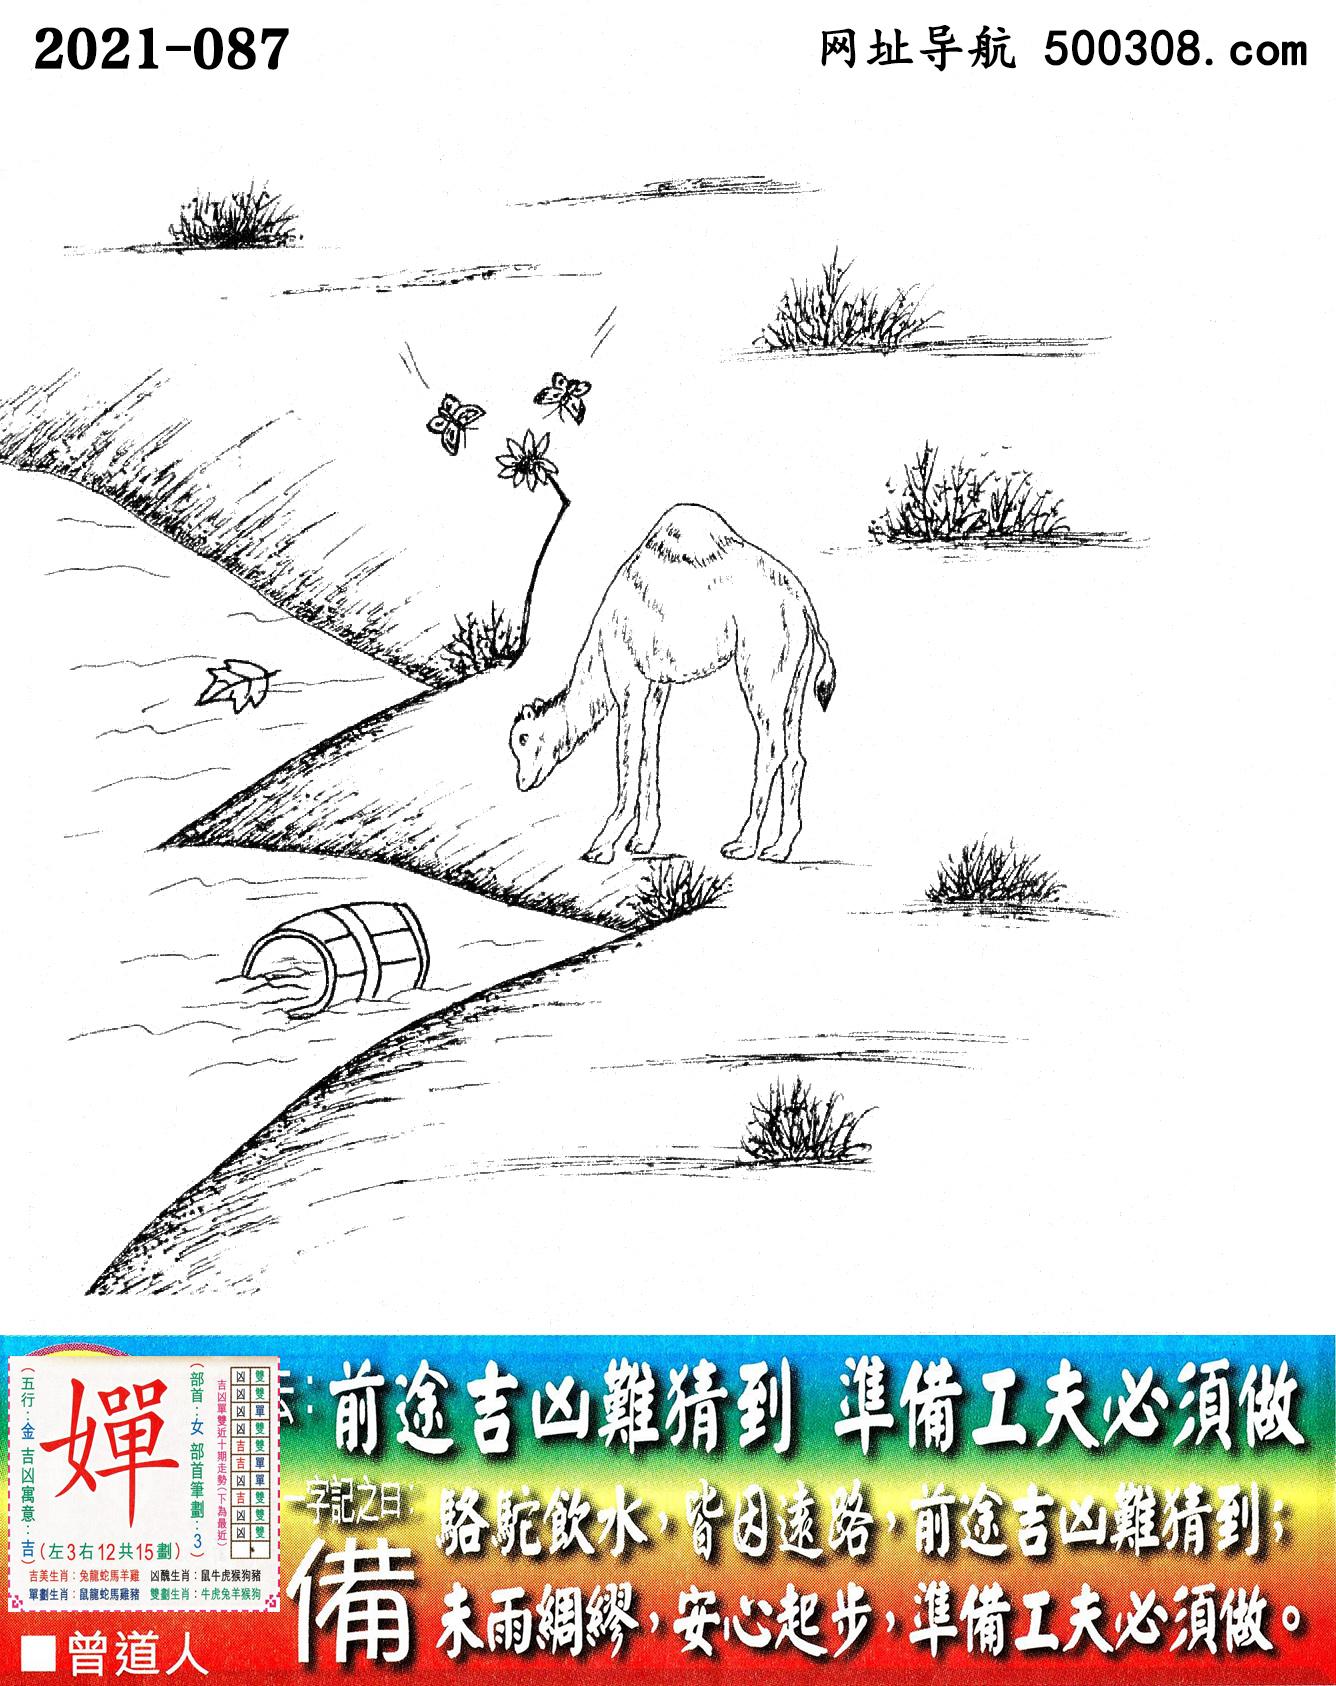 087期老版跑狗一字�之曰:【�洹�_��:前途吉凶�y猜到,��涔し虮匦胱觥�